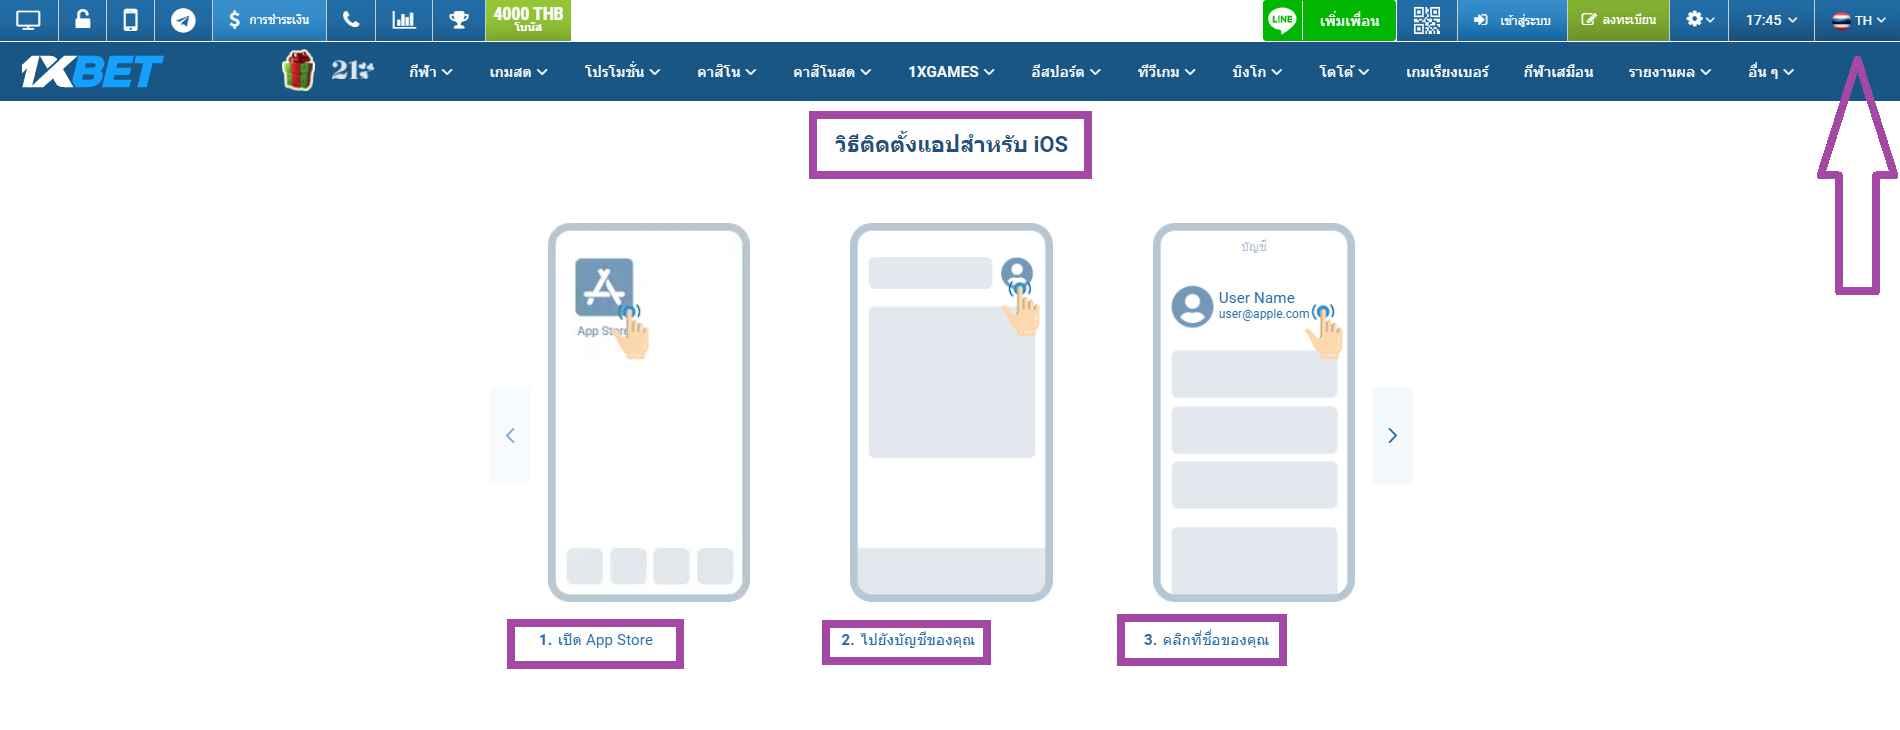 IOS 1xBet – วิธีใช้แอพพนันสำหรับ iOS